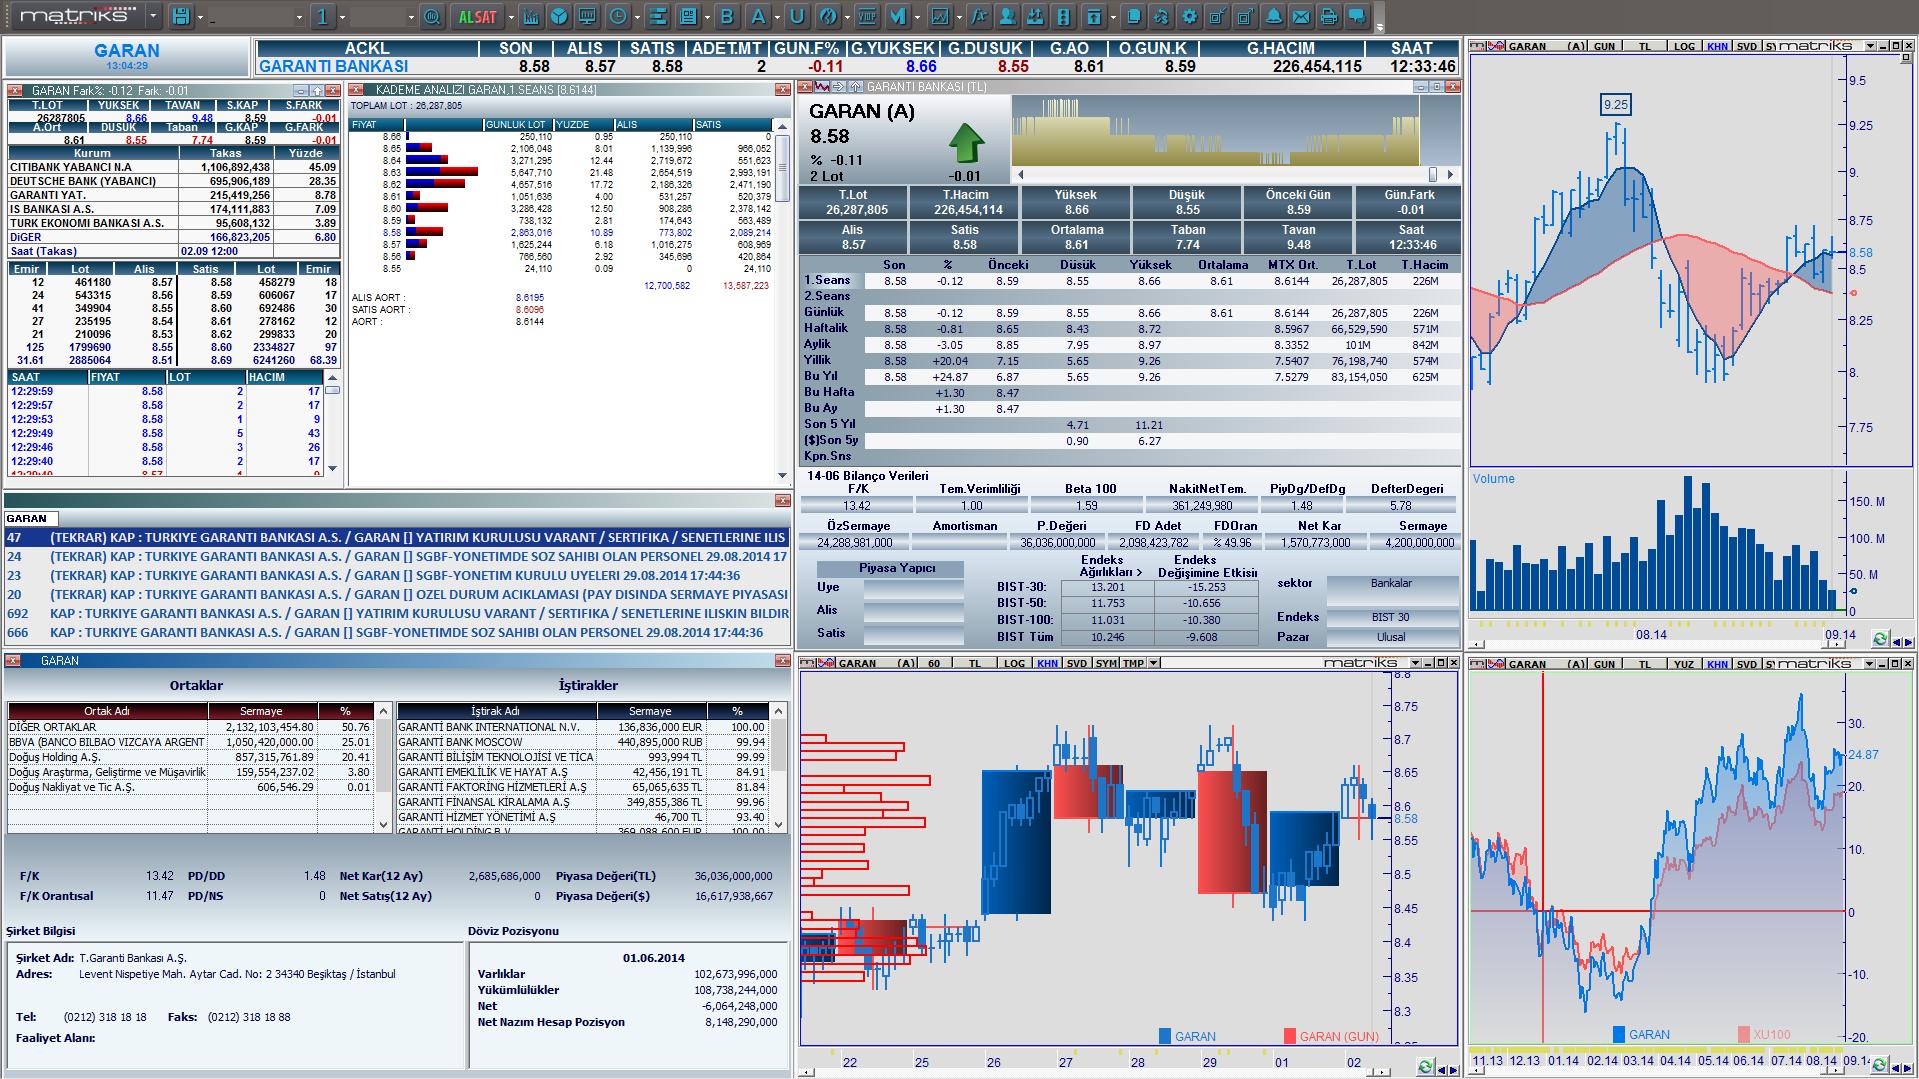 mátrix bináris platform online keresetek áttekintése